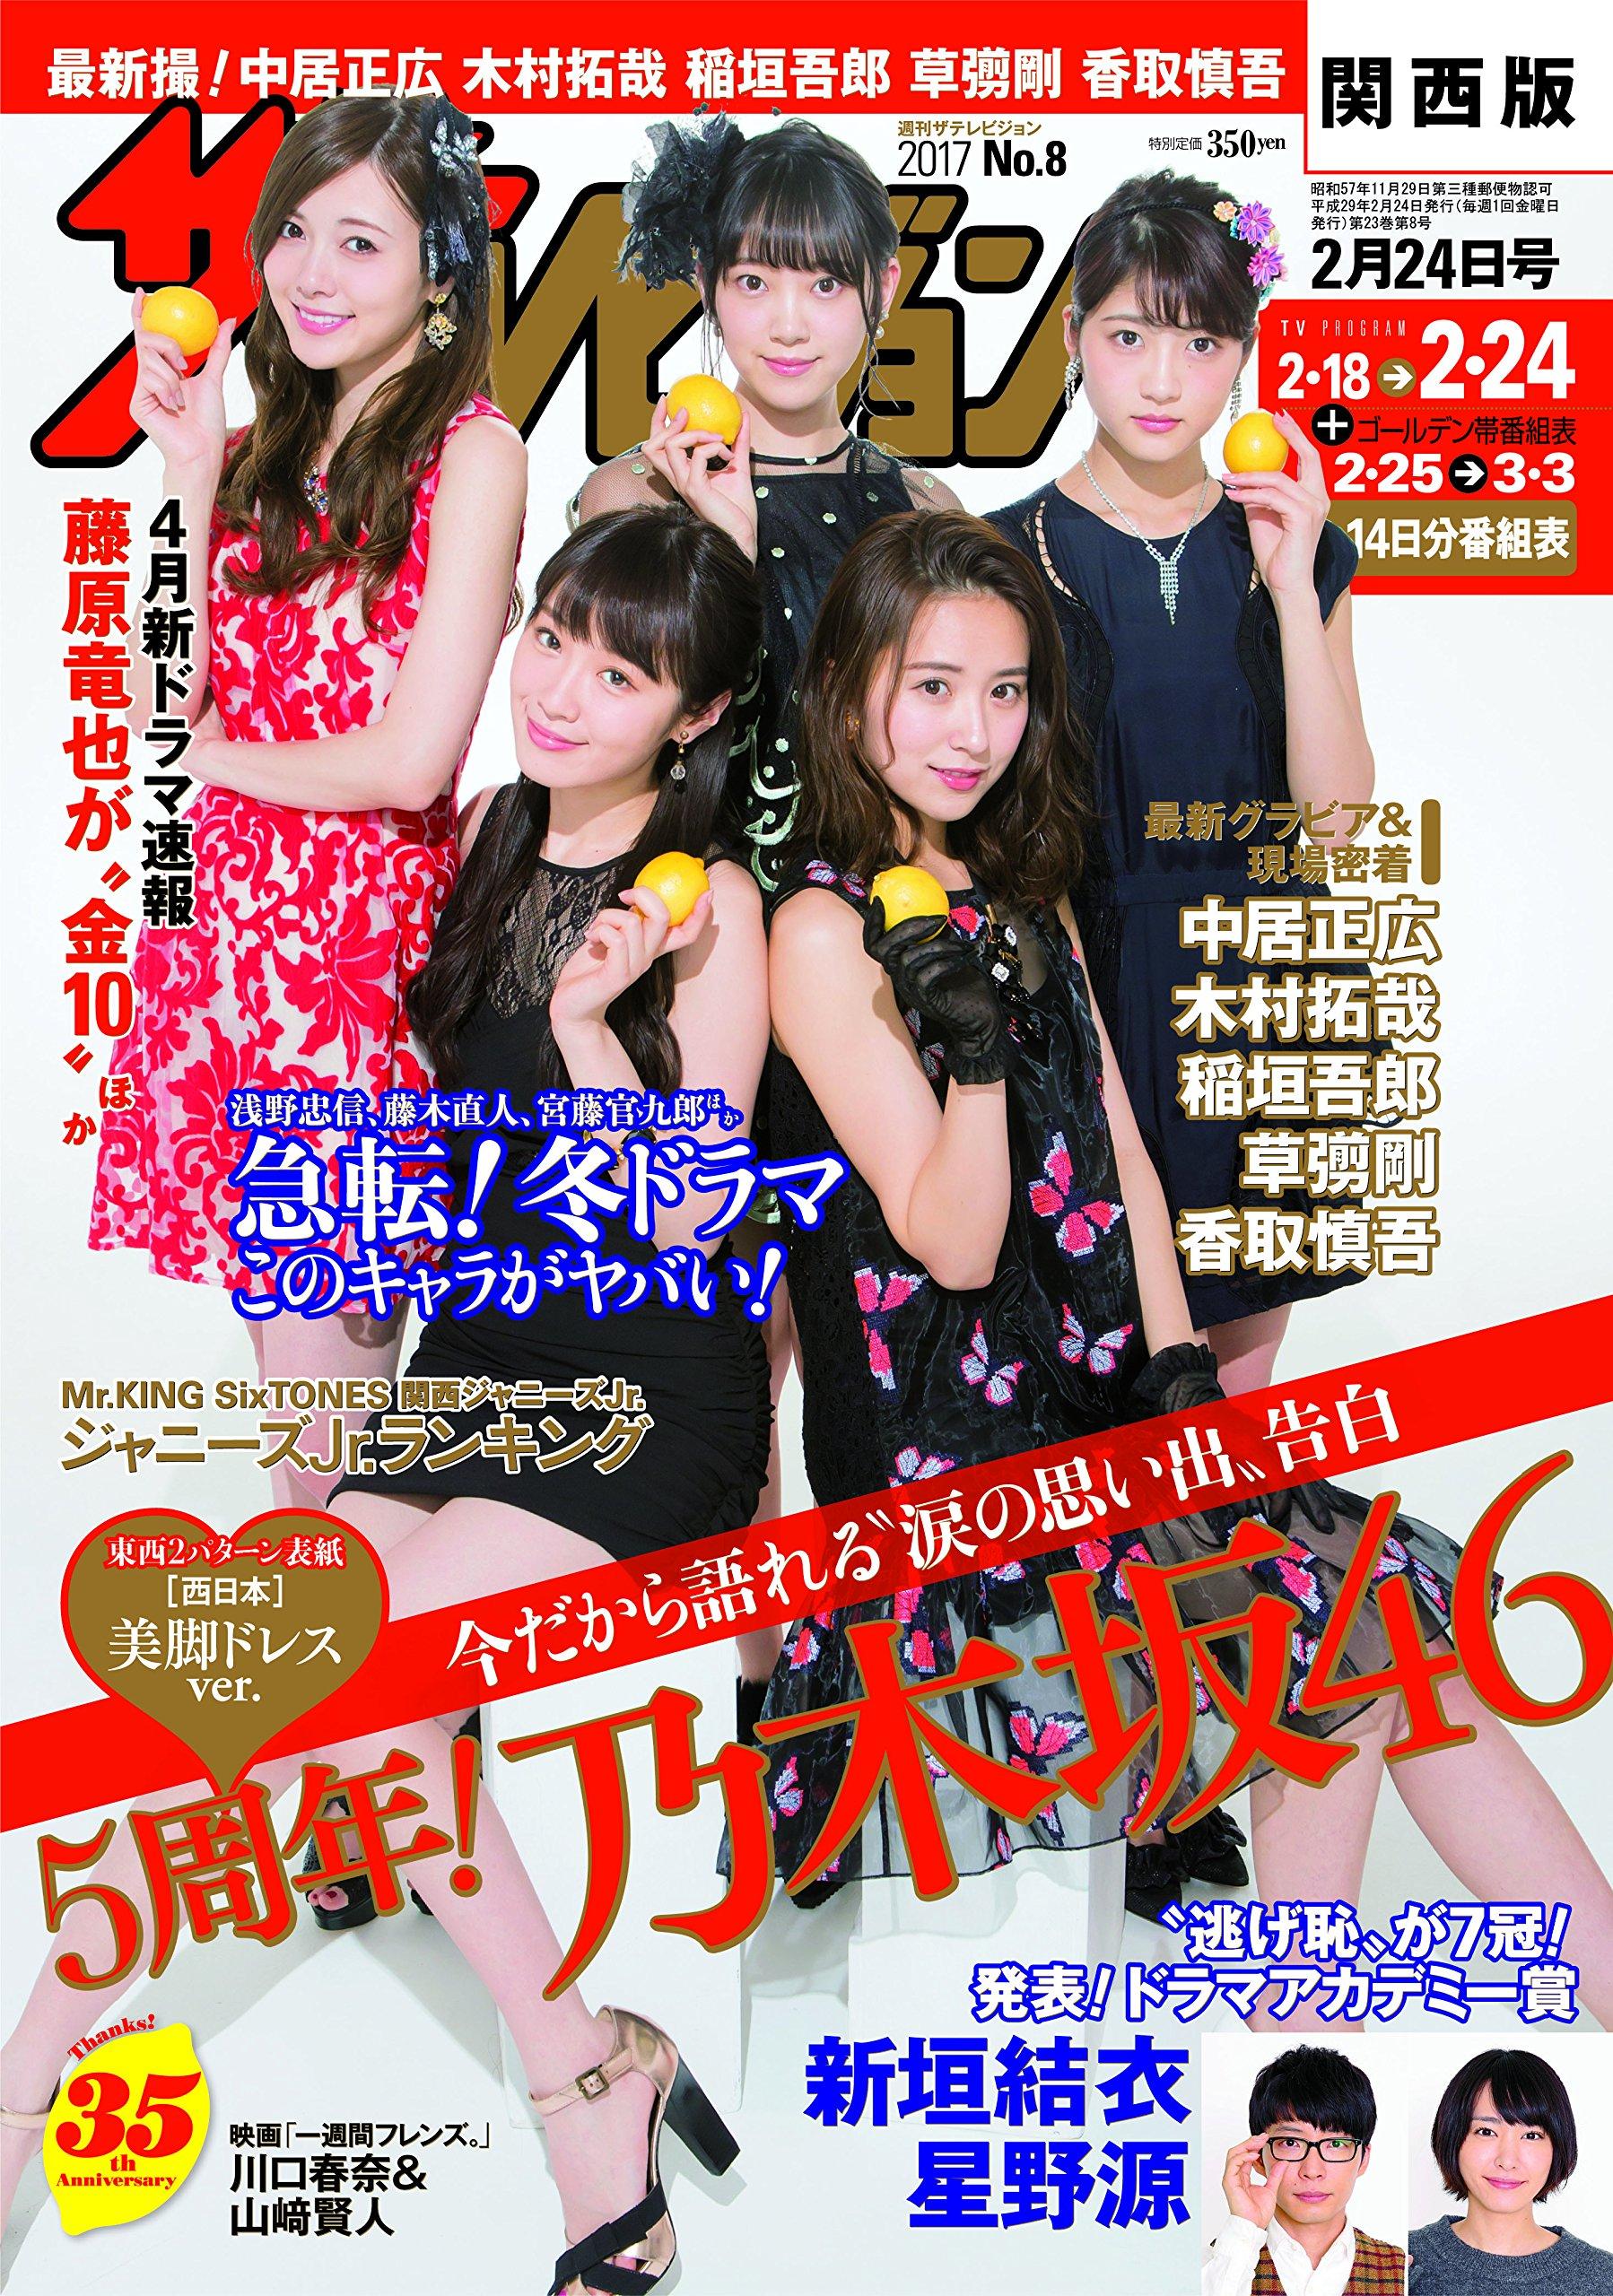 ザテレビジョン 関西版 29年2/24...